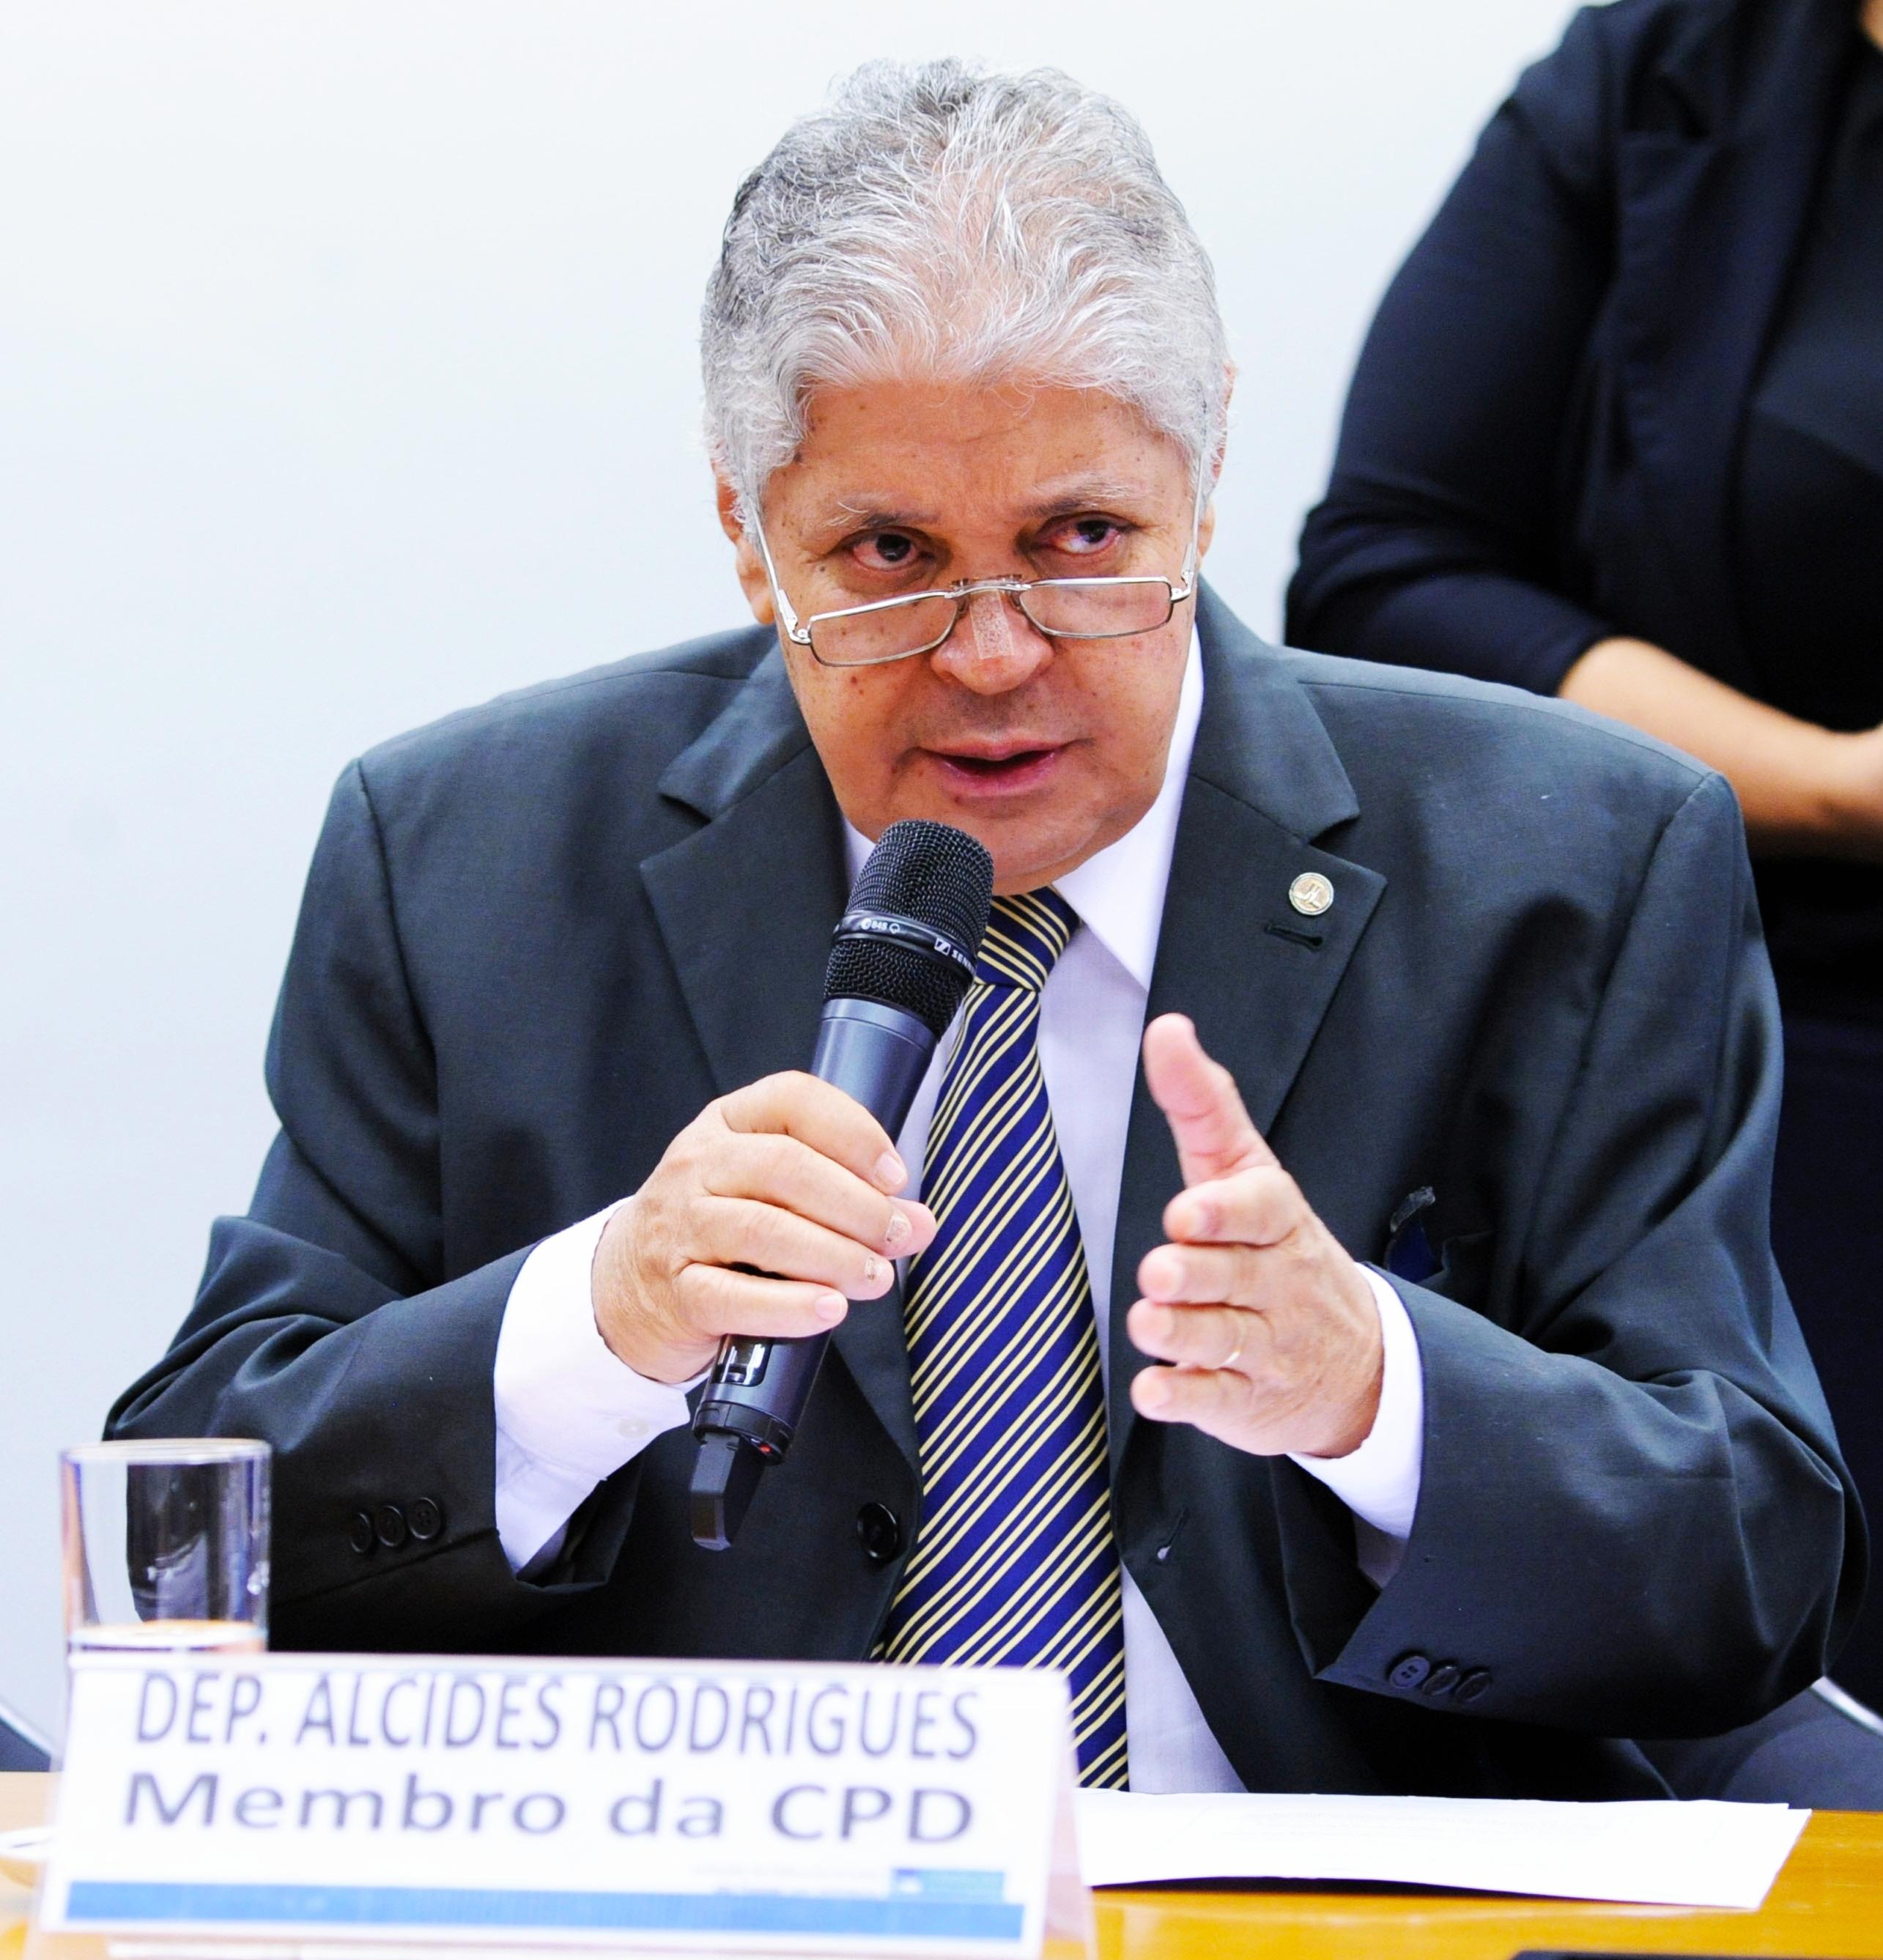 Deputado federal Alcides Rodrigues é escolhido membro titular da reforma administrativa